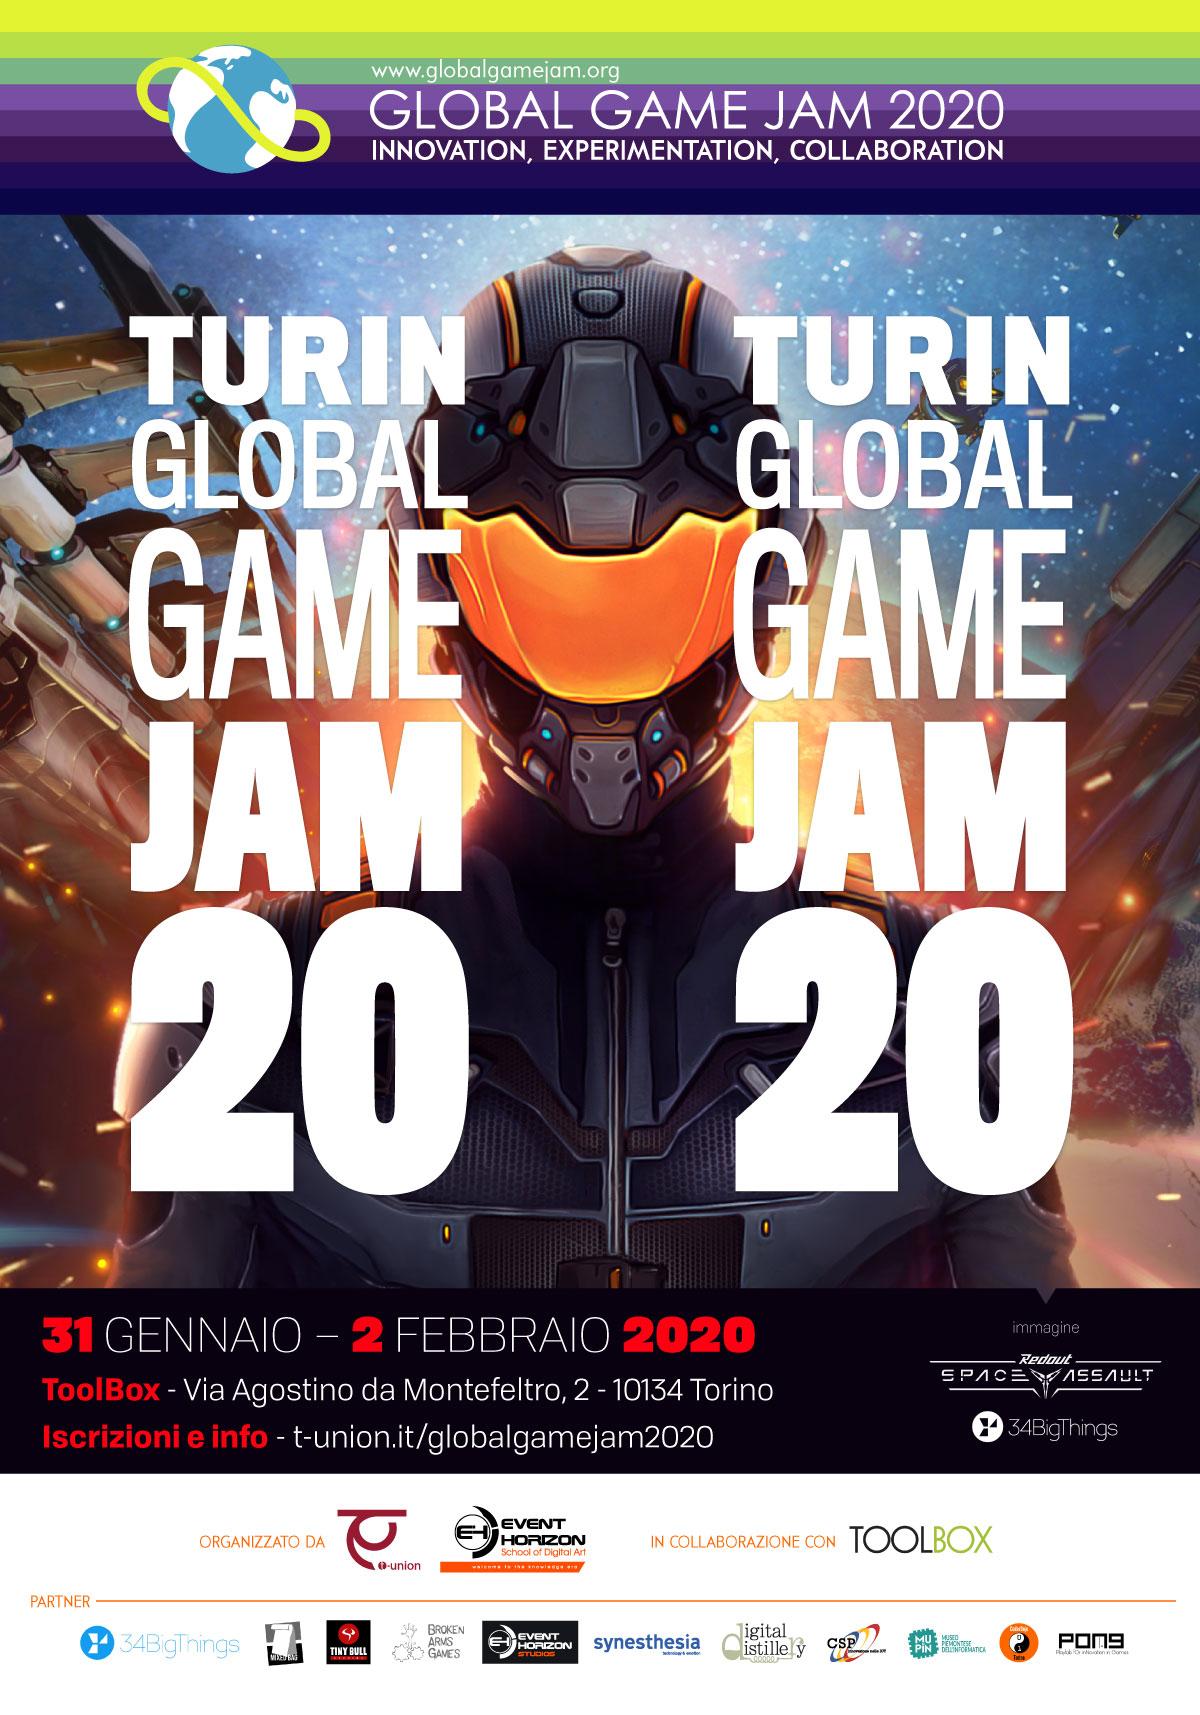 Locandina dell'edizione 2020 della GLobal Game Jam a Torino